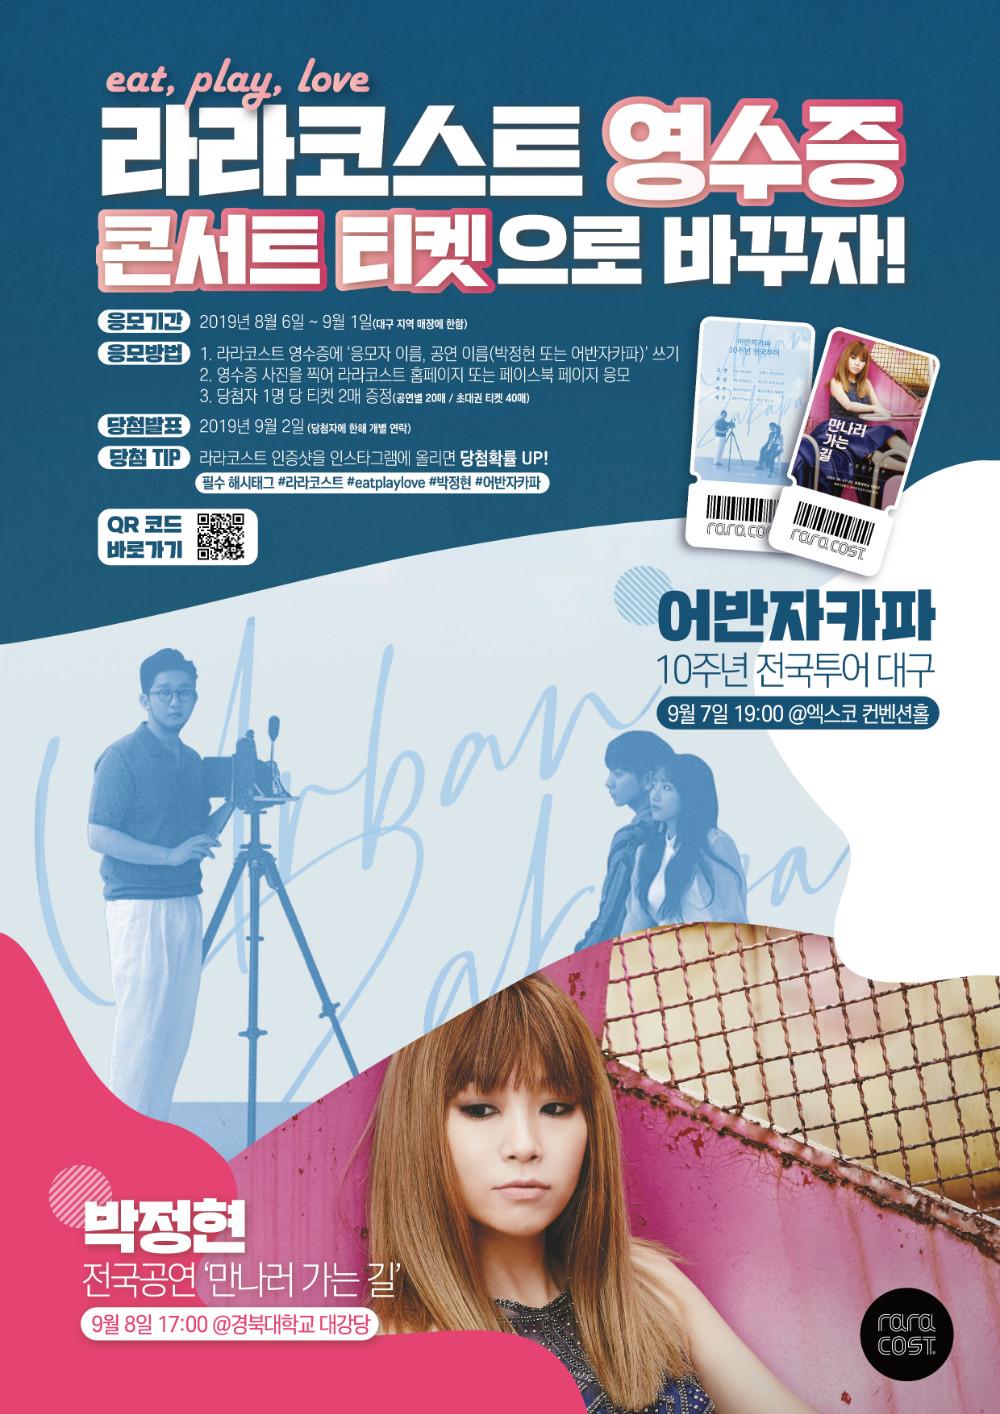 박정현 어반자카파 티켓 이벤트 포스터_O-01.jpg